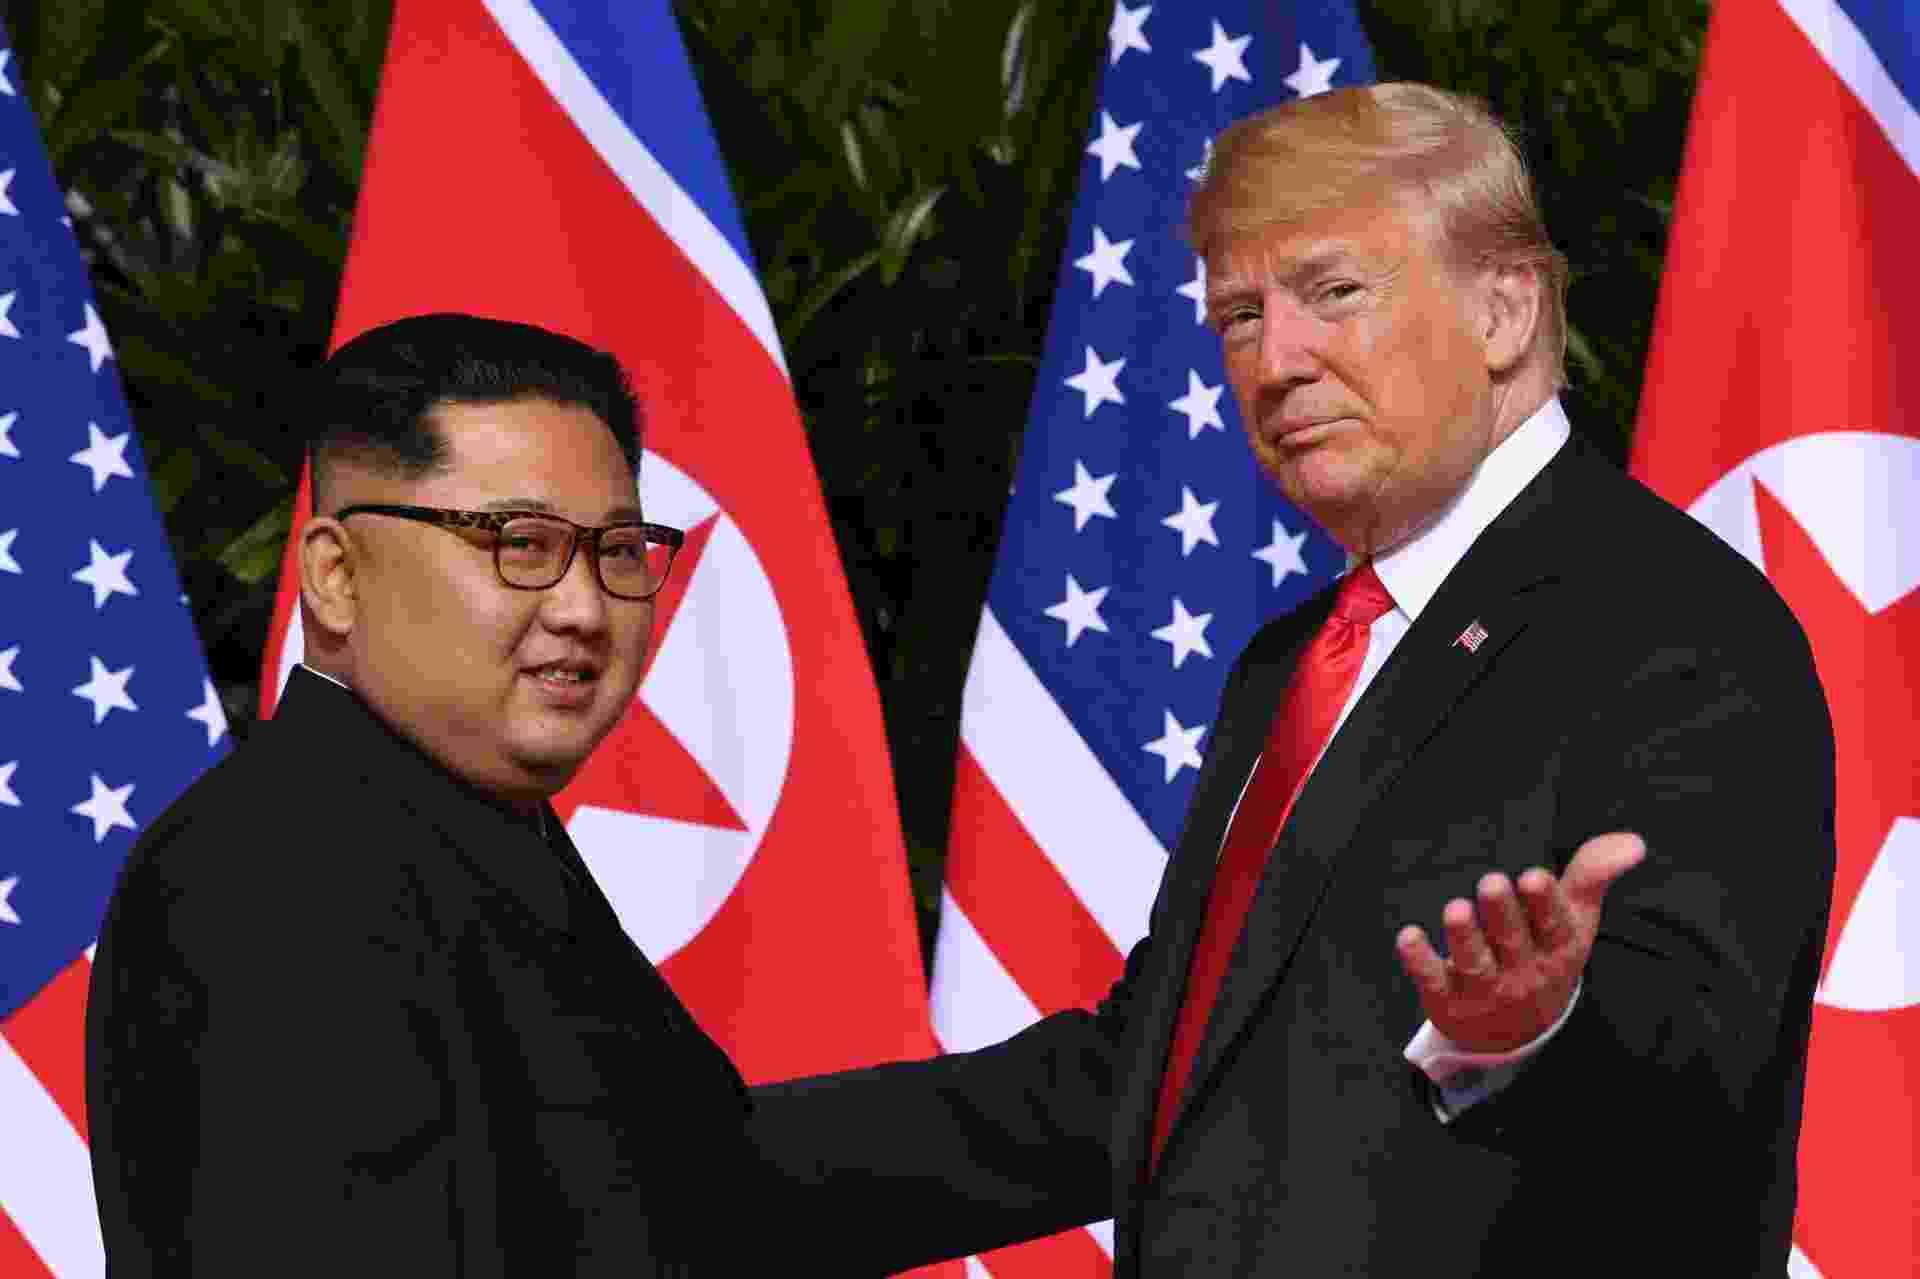 11.jun.2018 - Donald Trump acena para jornalistas ao se encontrar com Kim Jong-un no início da histórica cúpula EUA-Coreia do Norte realizada no hotel Capella, na ilha de Sentosa, em Singapura - Saul Loeb/AFP